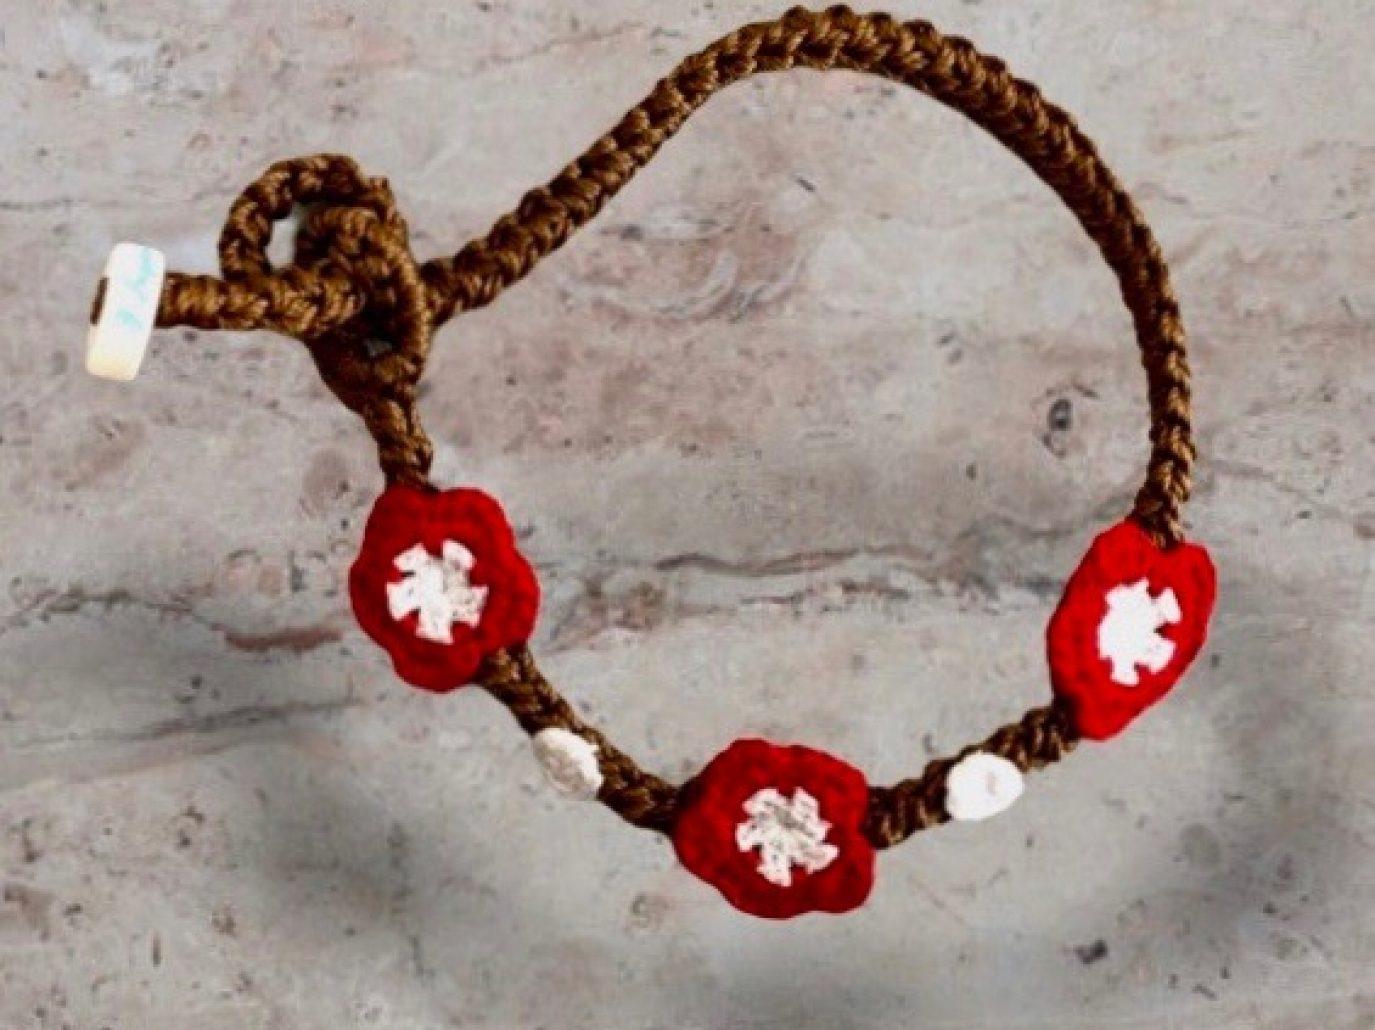 Armband mit roten Blumen